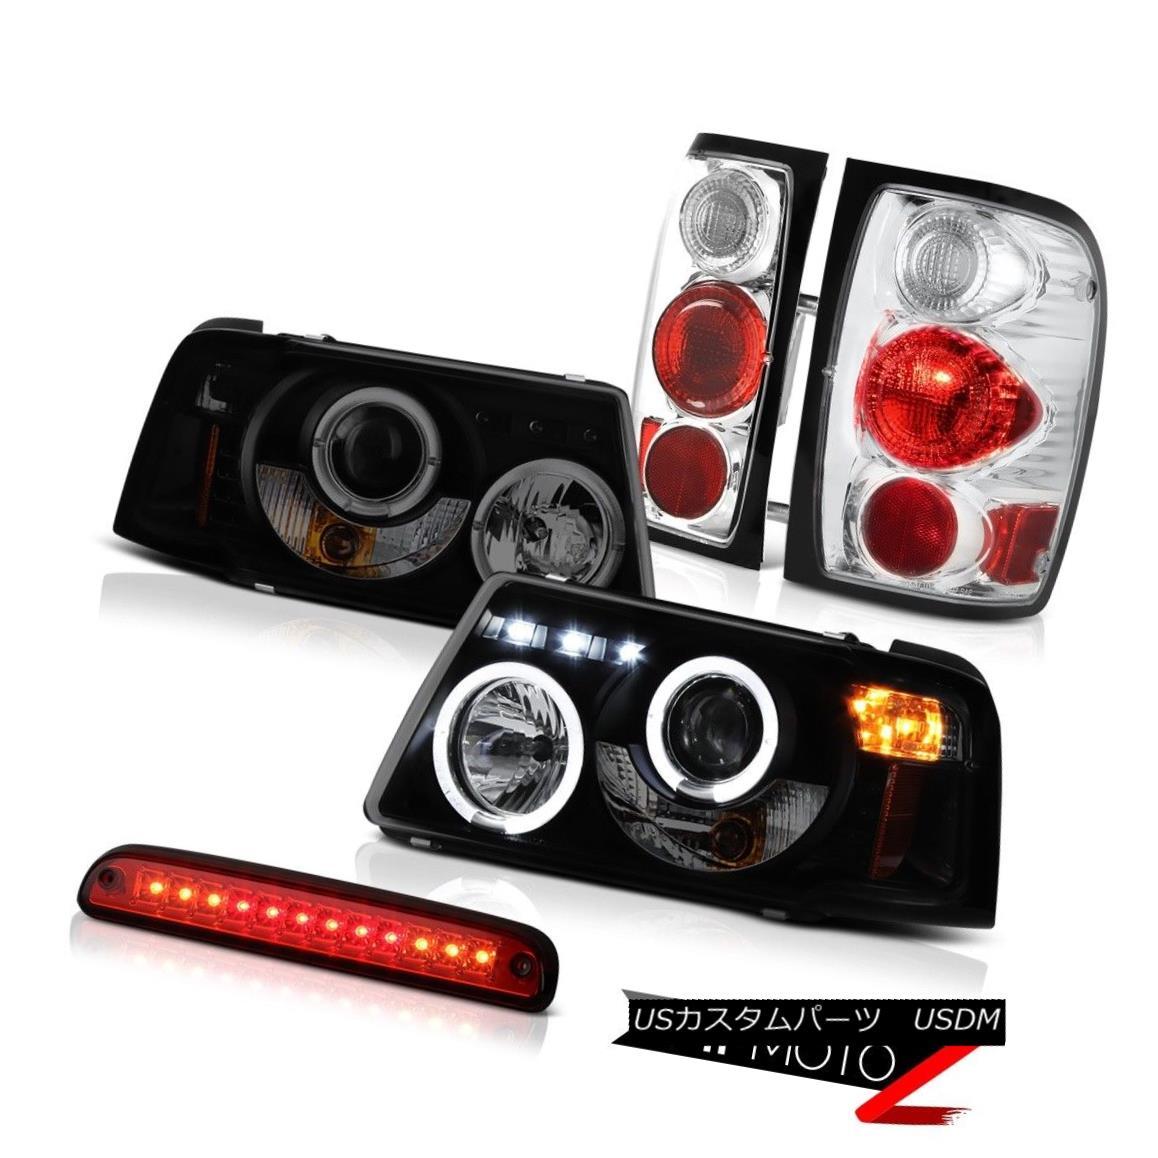 ヘッドライト Headlights Halo LED Brake Lamps Tail Lights High Cargo 2001-2011 Ford Ranger XL ヘッドライトHalo LEDブレーキランプテールライトハイカーゴ2001-2011 Ford Ranger XL